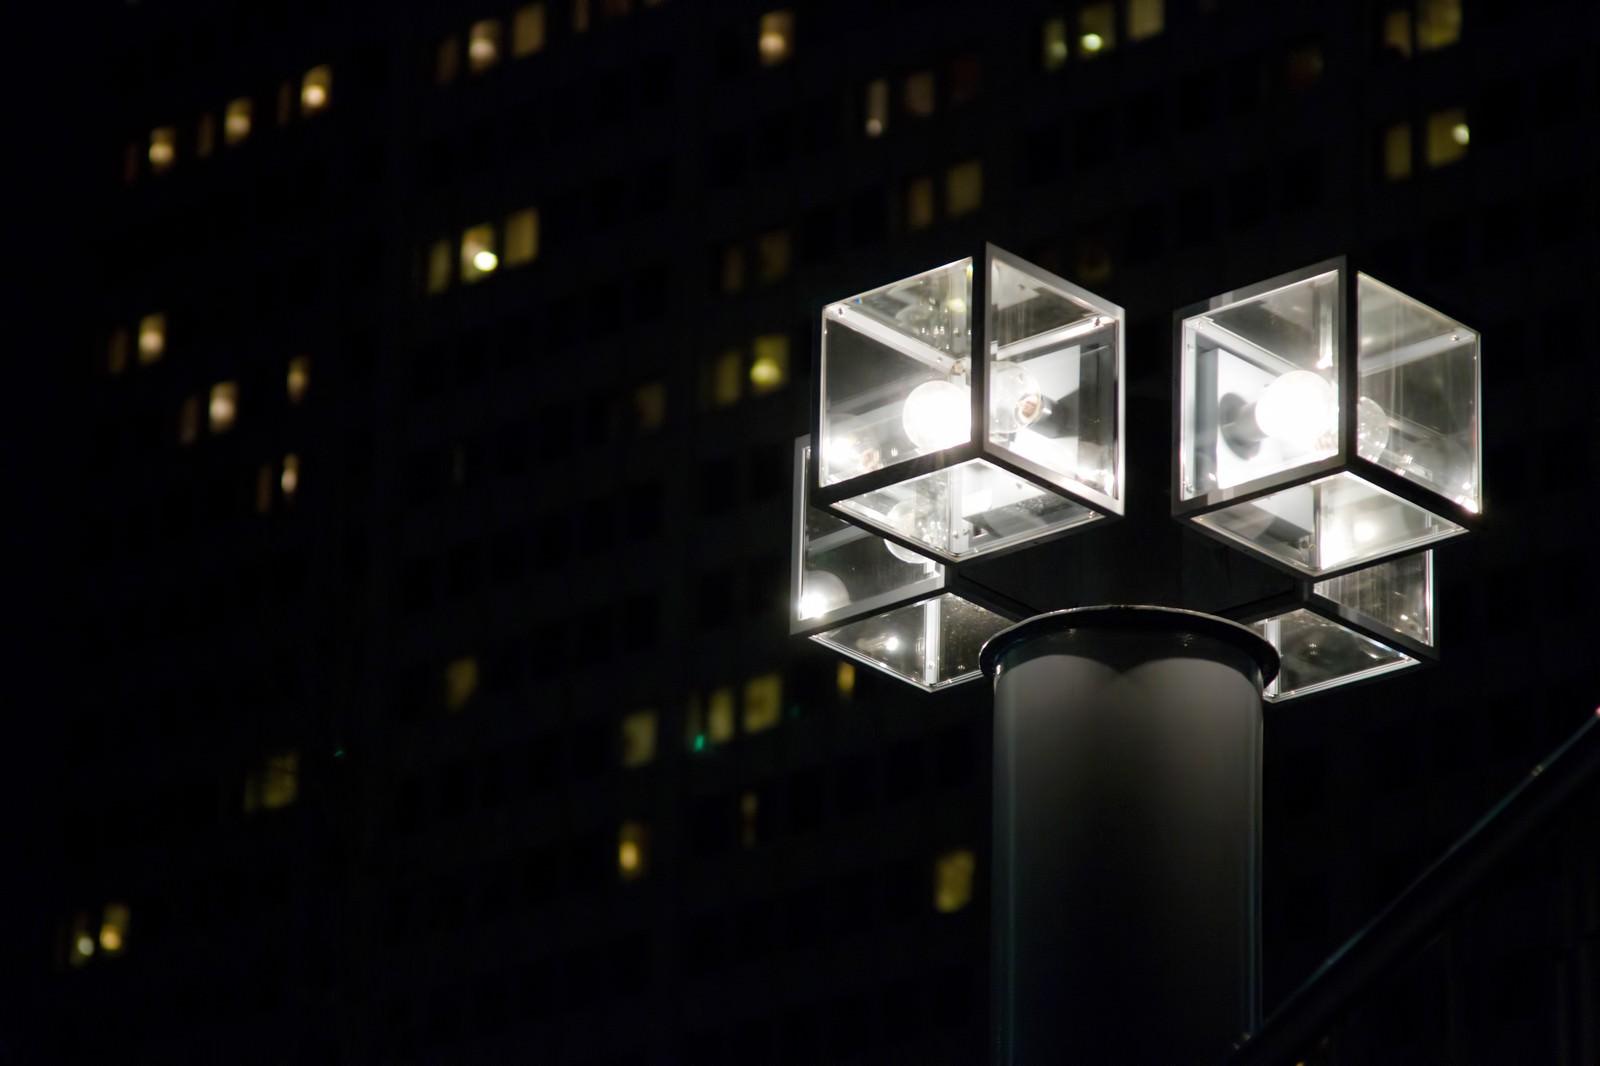 「オフィスを照らす四角い街灯オフィスを照らす四角い街灯」のフリー写真素材を拡大